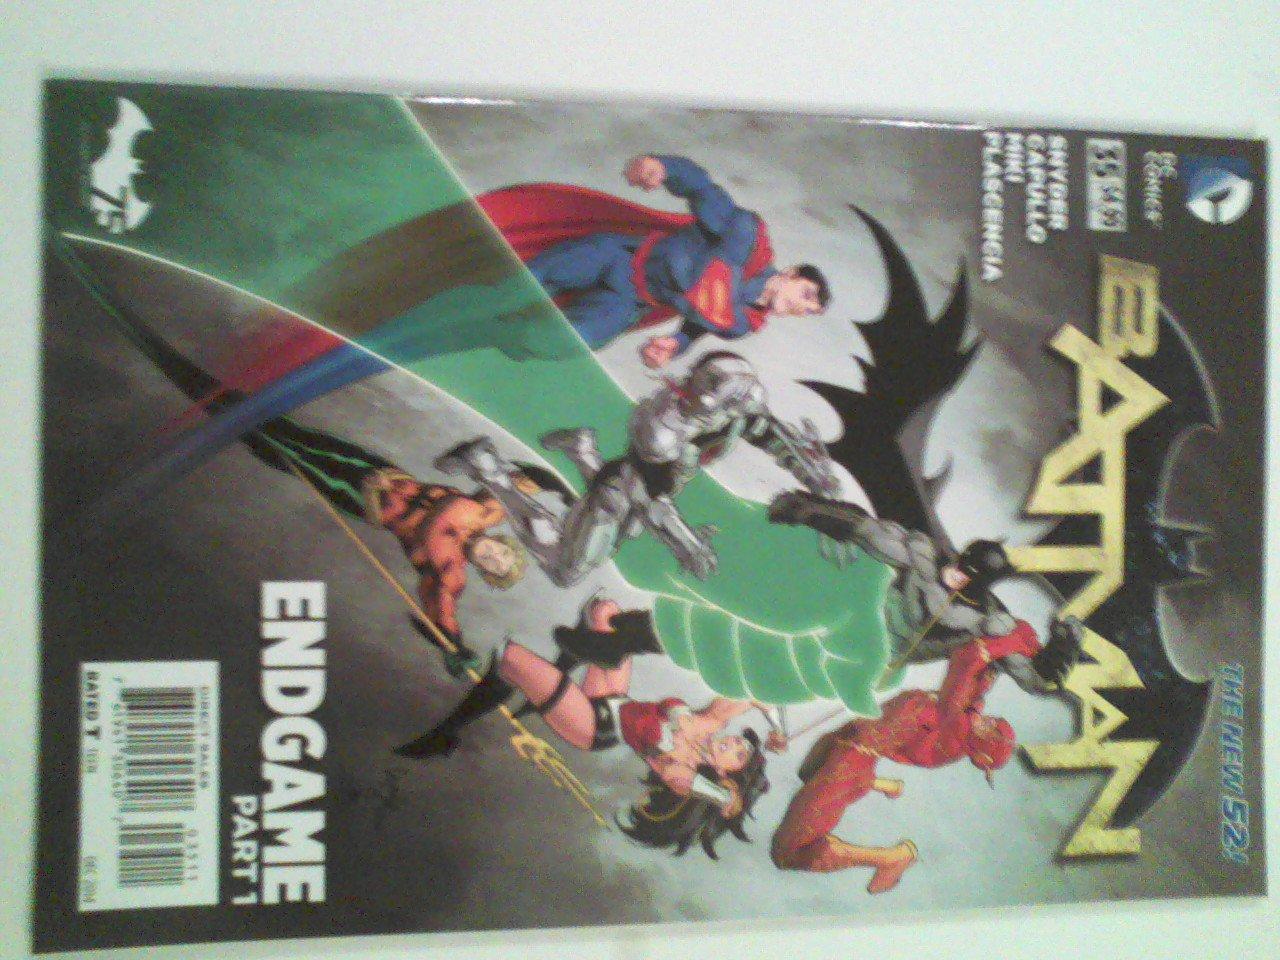 Batman #35, Batman shadow of the Bat #0